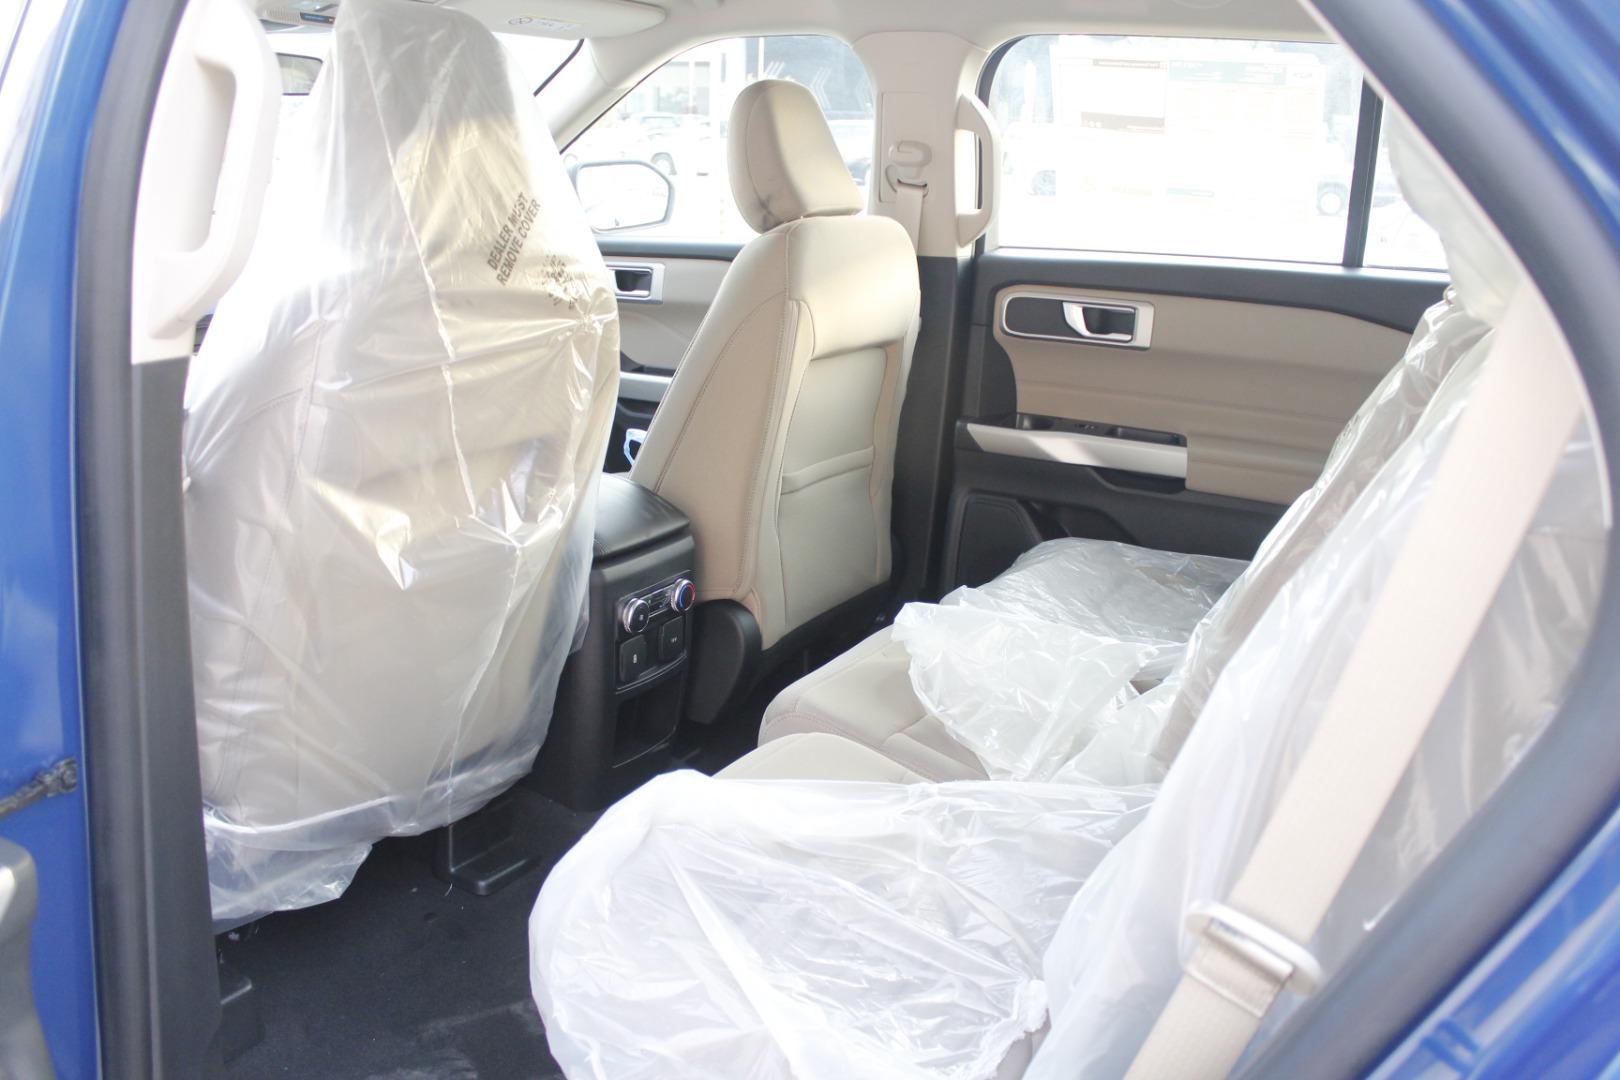 مباع - فورد  اكسبلورر  XLT  2021 دبل ايكوبوست وارد الناغي  للبيع في الرياض - السعودية - صورة كبيرة - 8